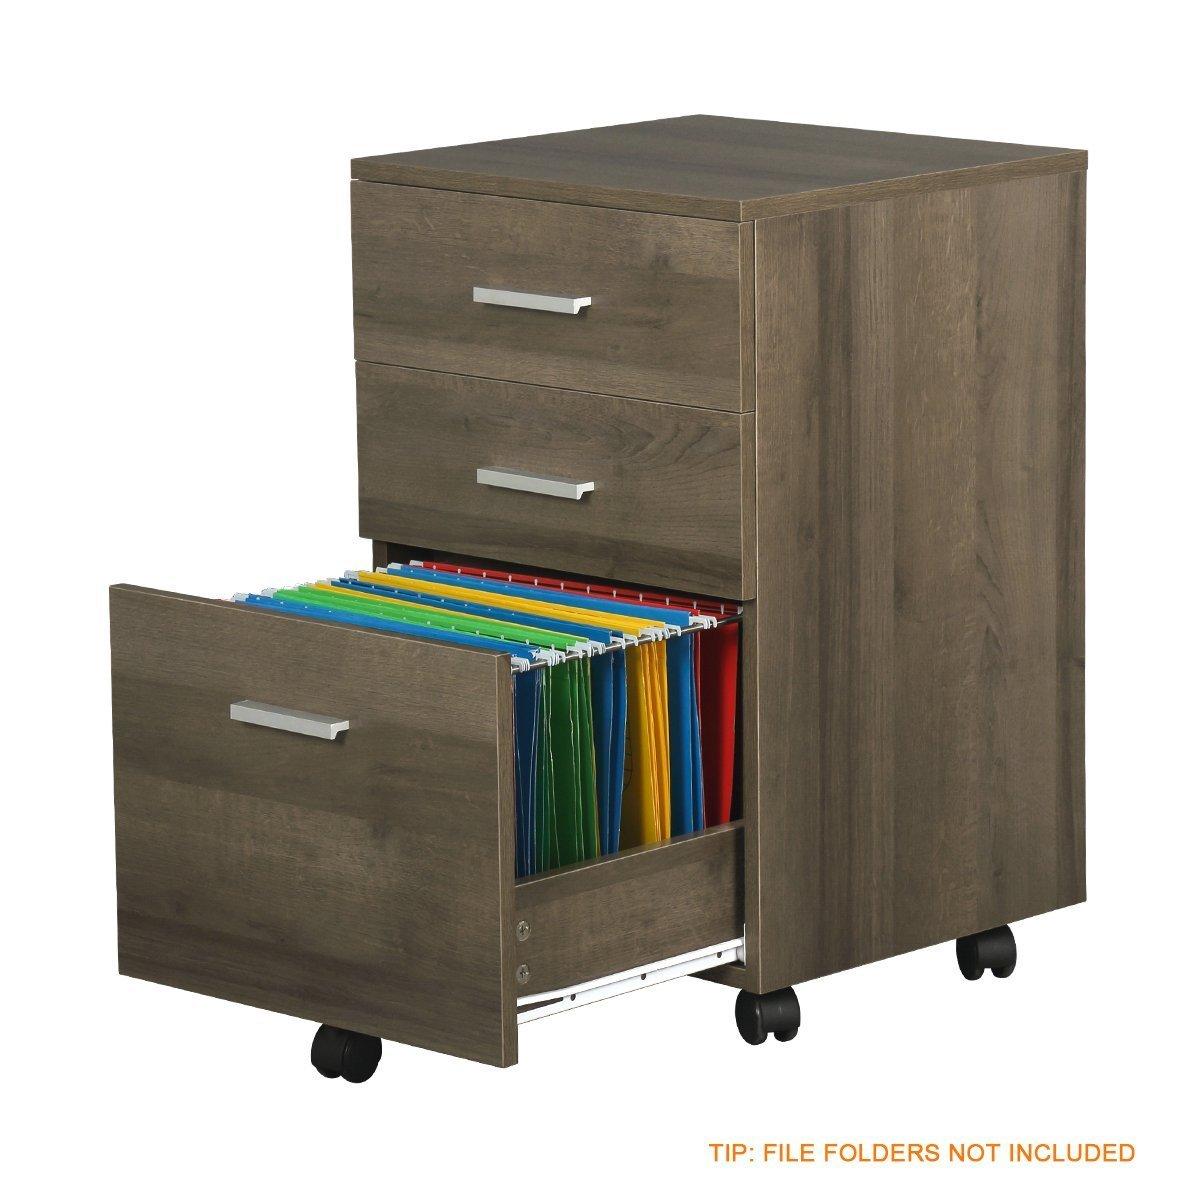 DEVAISE - Archivador de madera con 3 cajones y un diseño portátil de tamaño A4 y tamaño para cartas: Amazon.es: Oficina y papelería